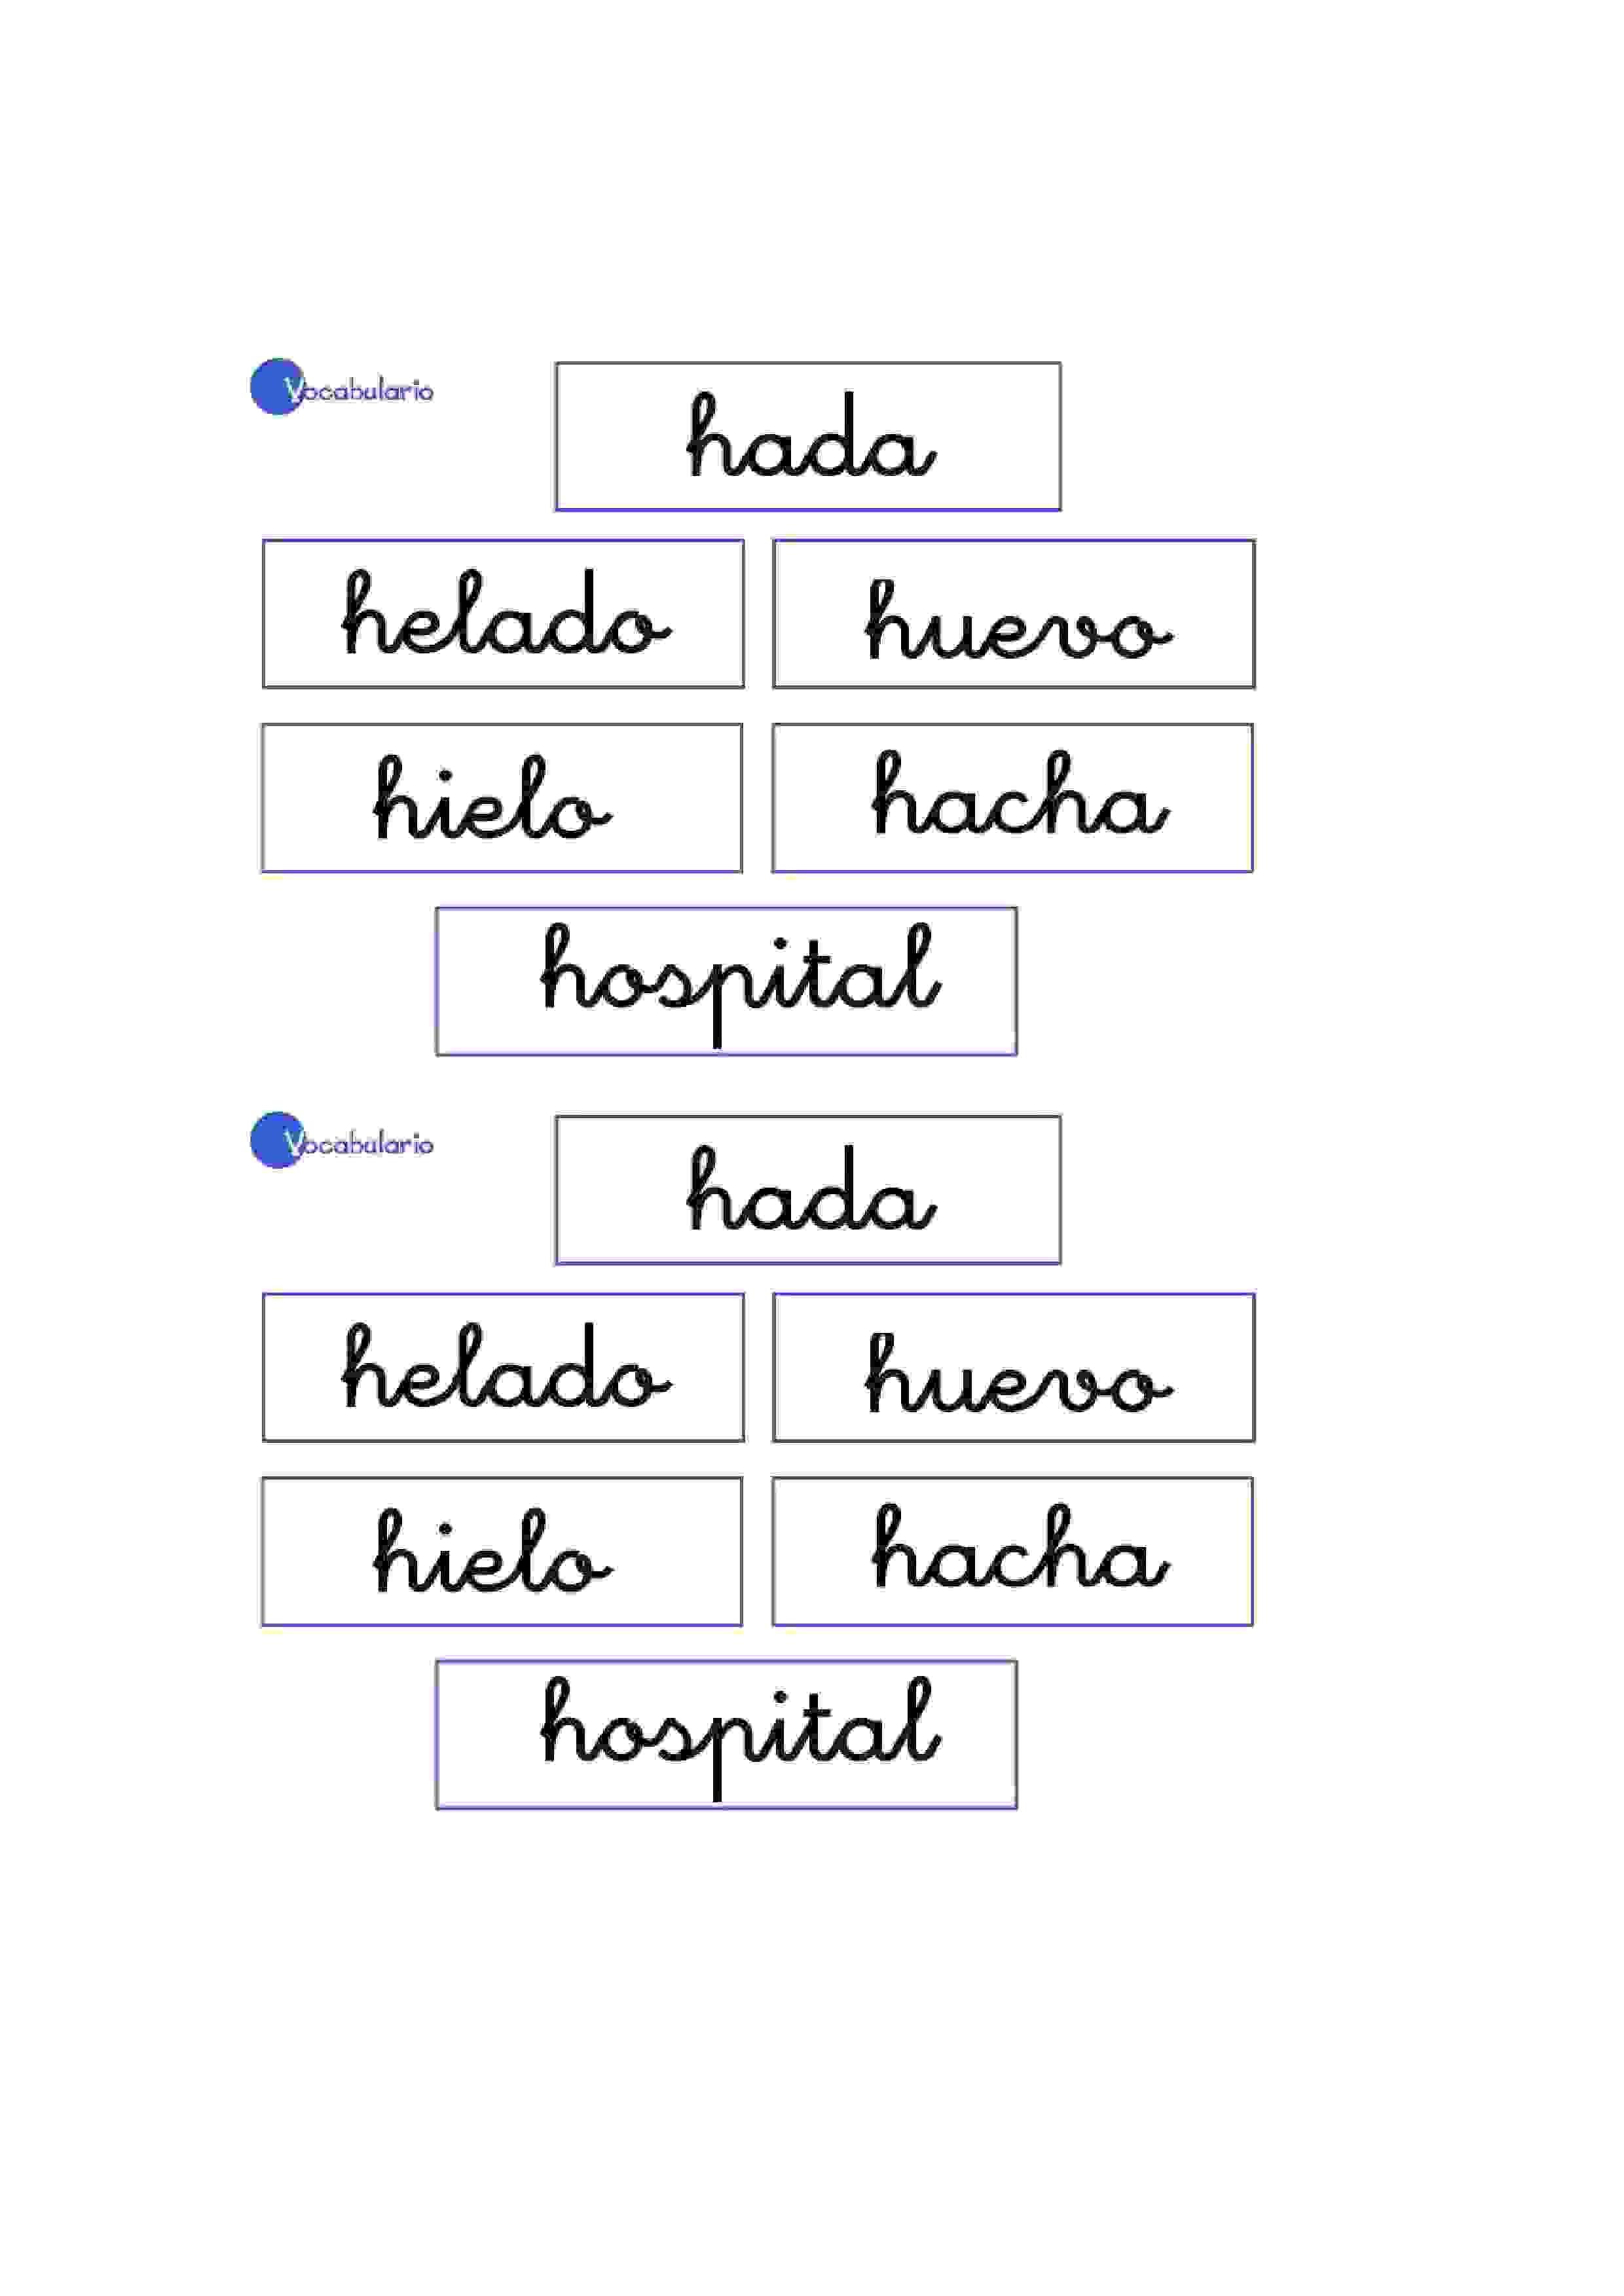 Lernübungen für kinder zu drucken. Vokabular Spanisch zu lernen 8 ...